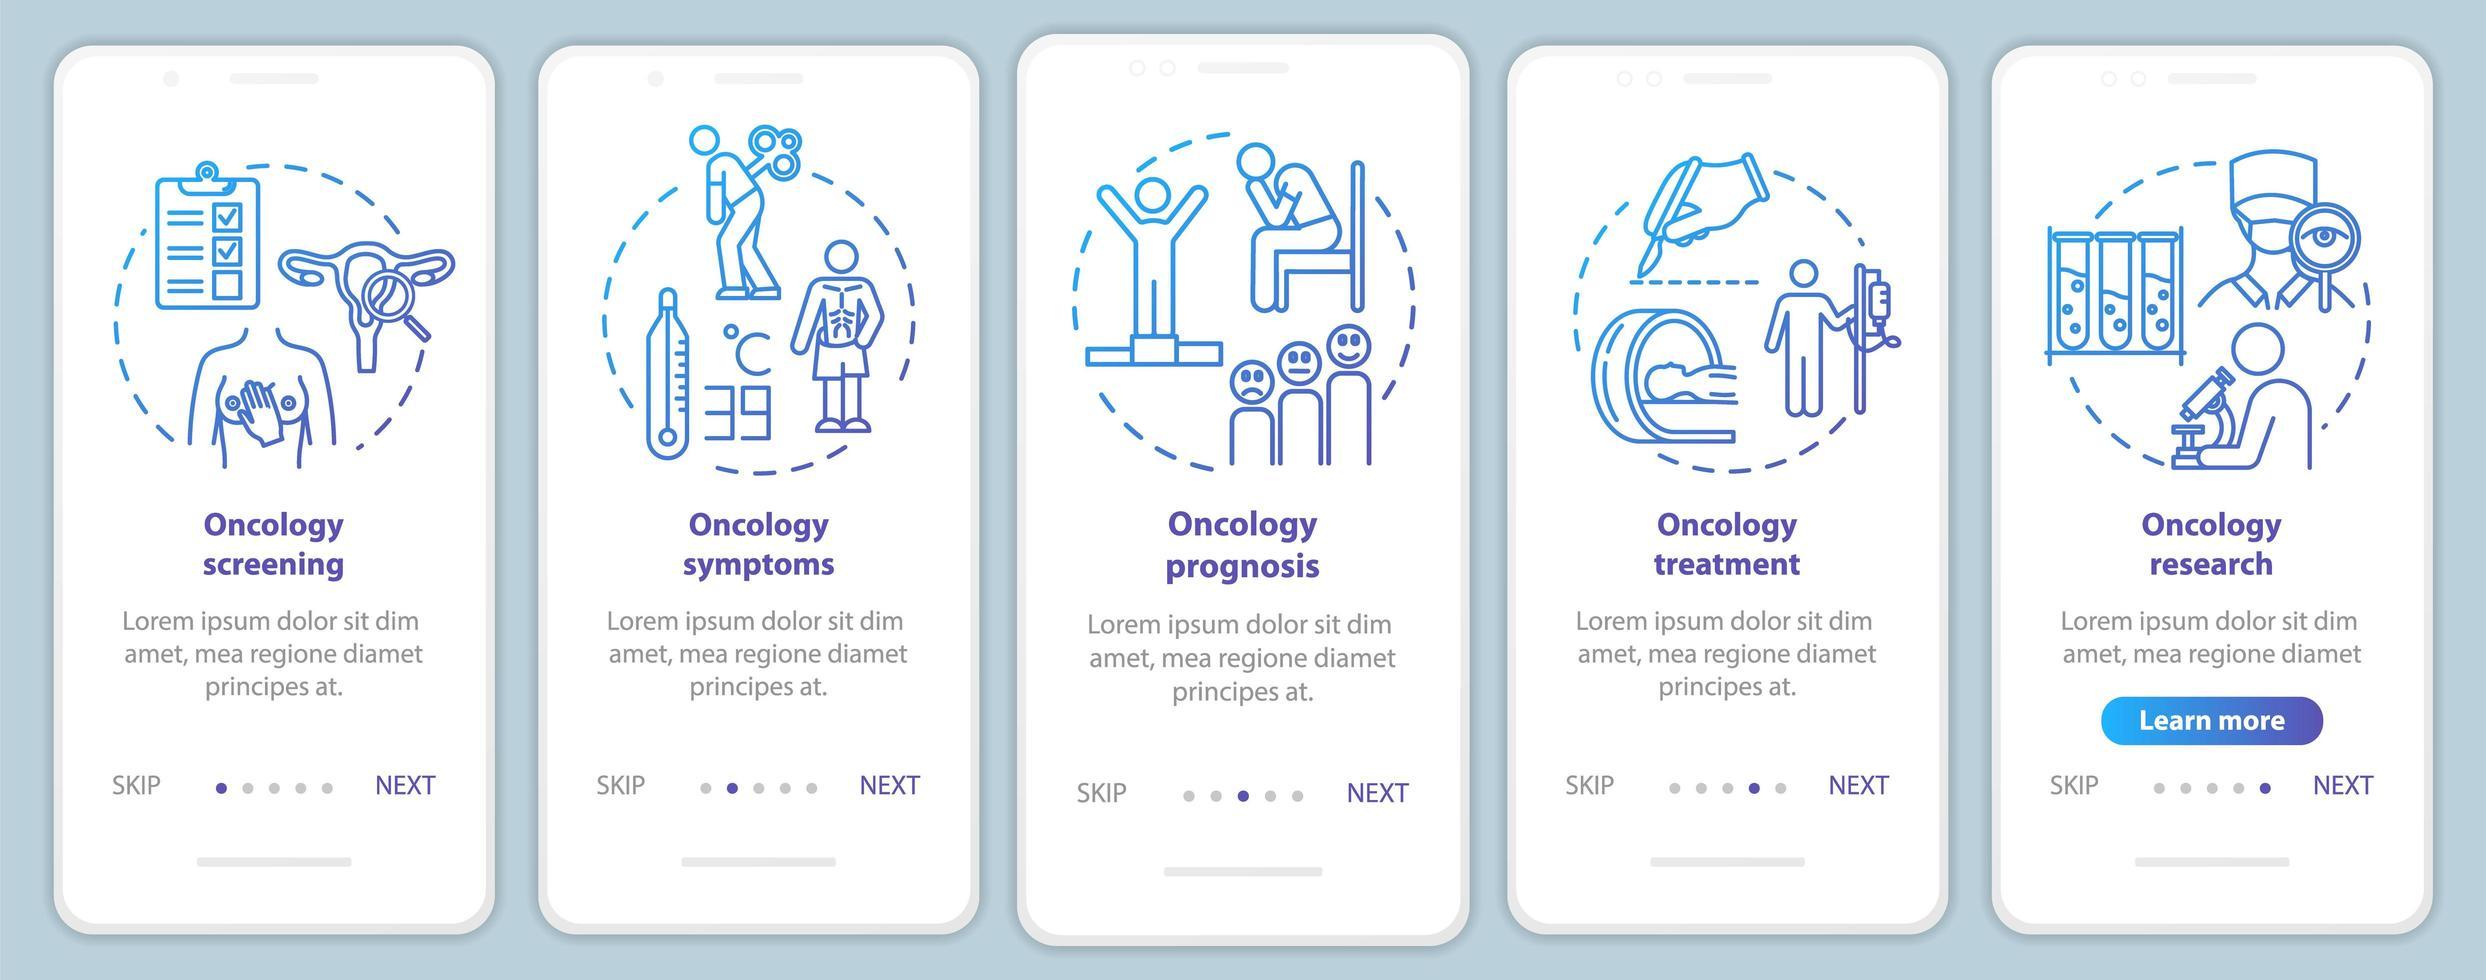 tela da página de oncology onboarding do aplicativo móvel vetor